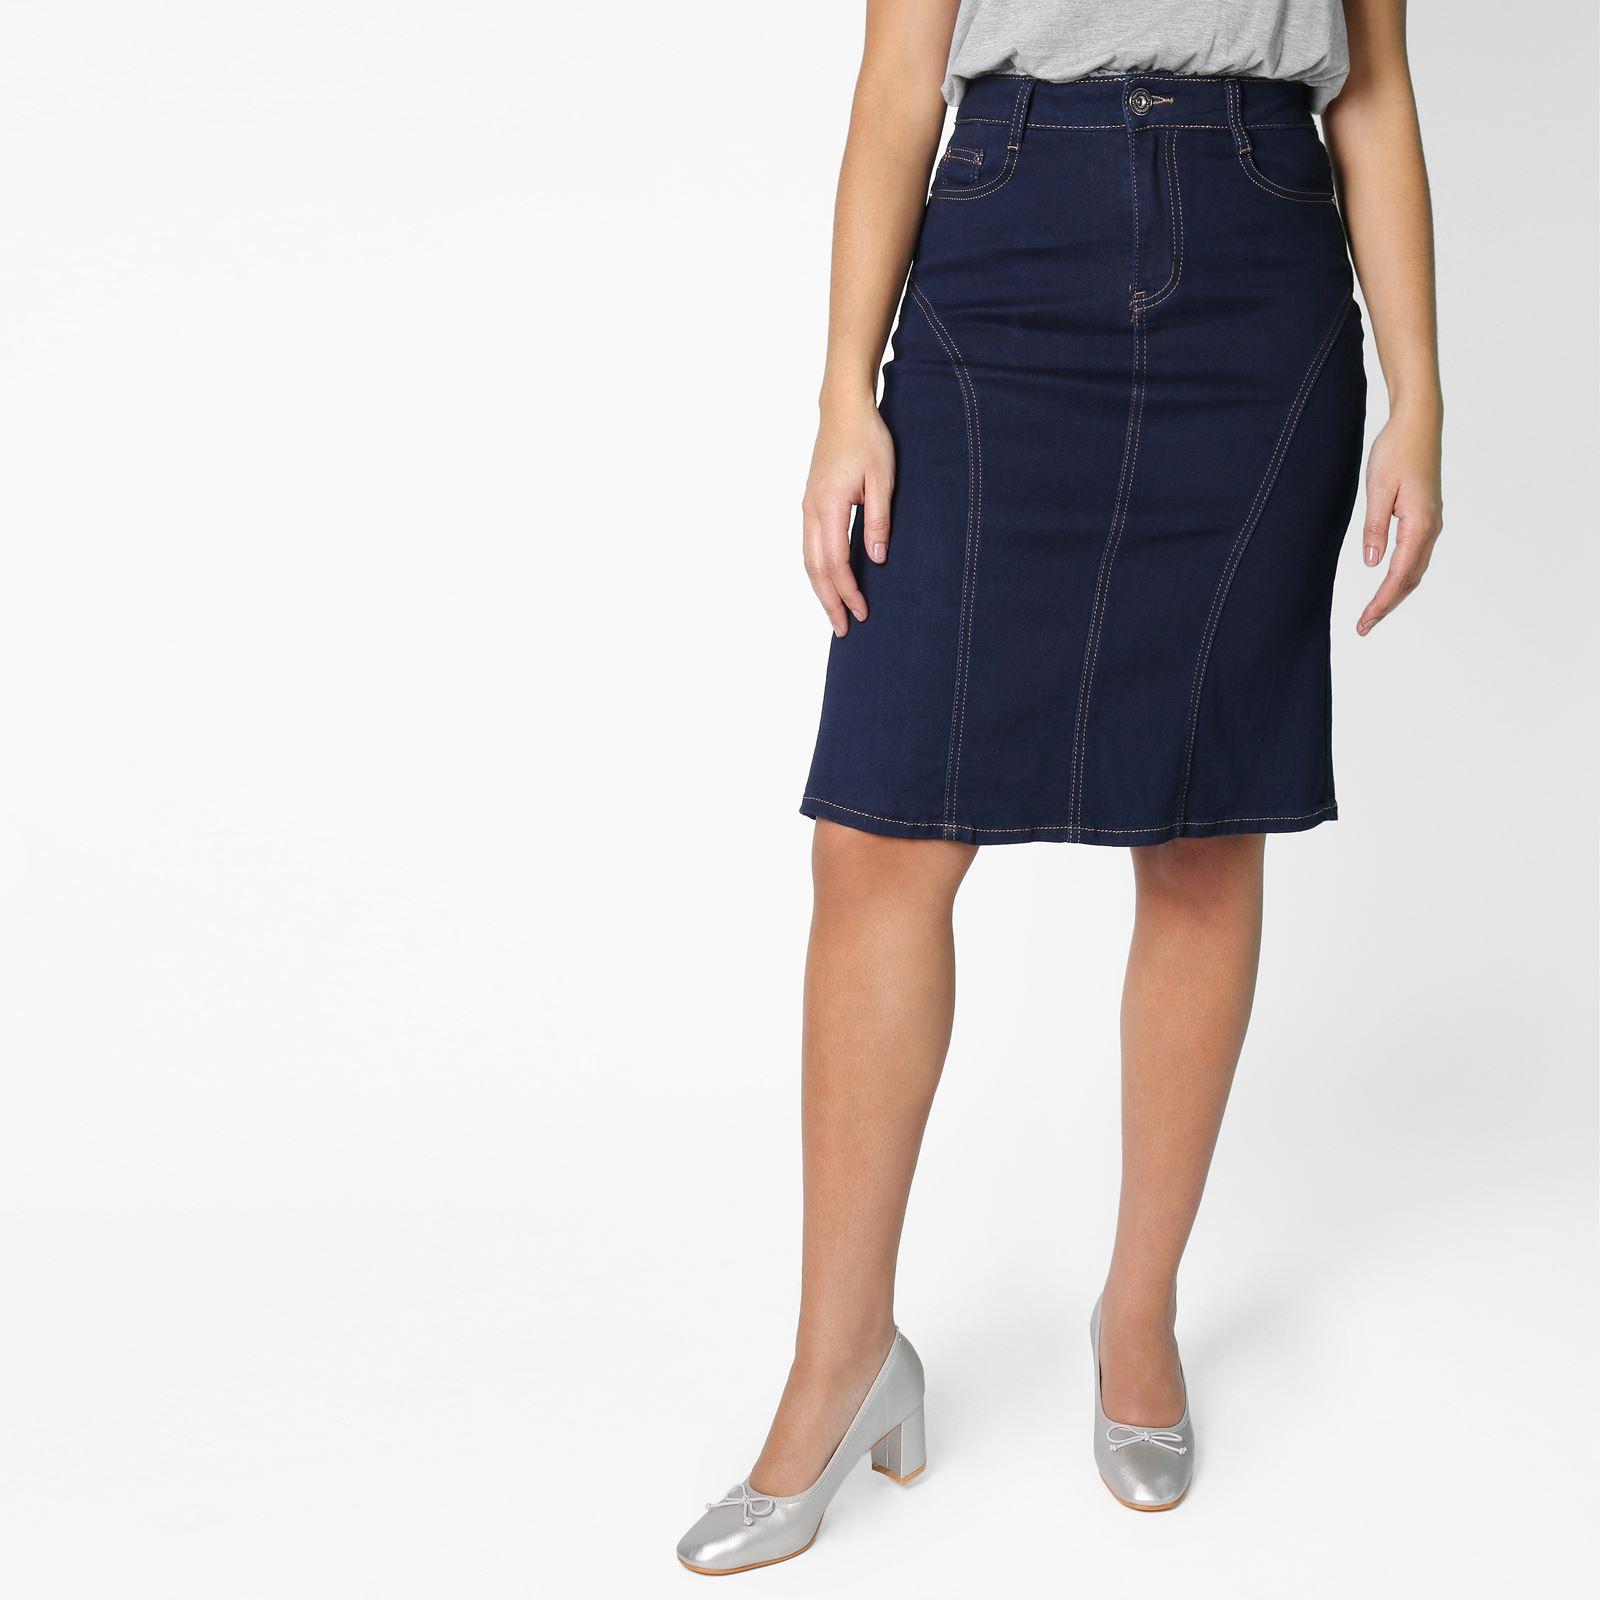 Crayon Jeans Femmes Fonce Brut Jupe Denim Uni npwYqP8v